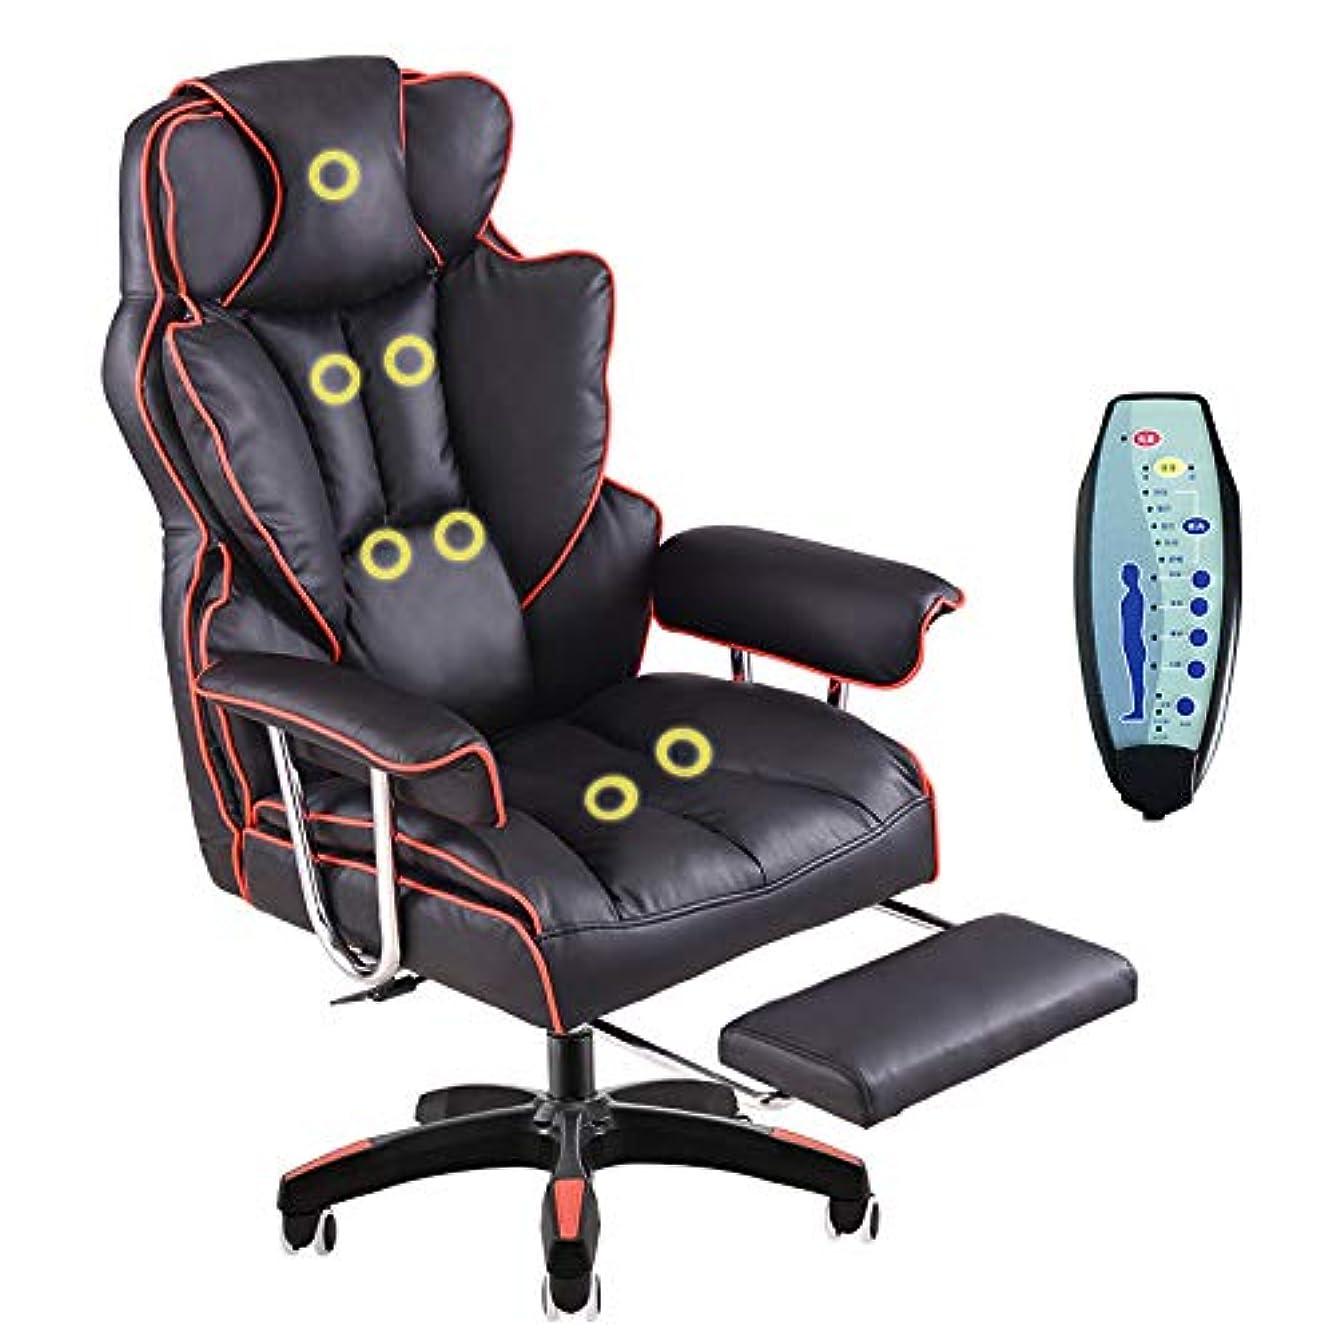 契約刺しますスピンゲーミングチェア肥満の人々のための引き込み式の足台が付いているゲームの椅子の電気マッサージの椅子,黒